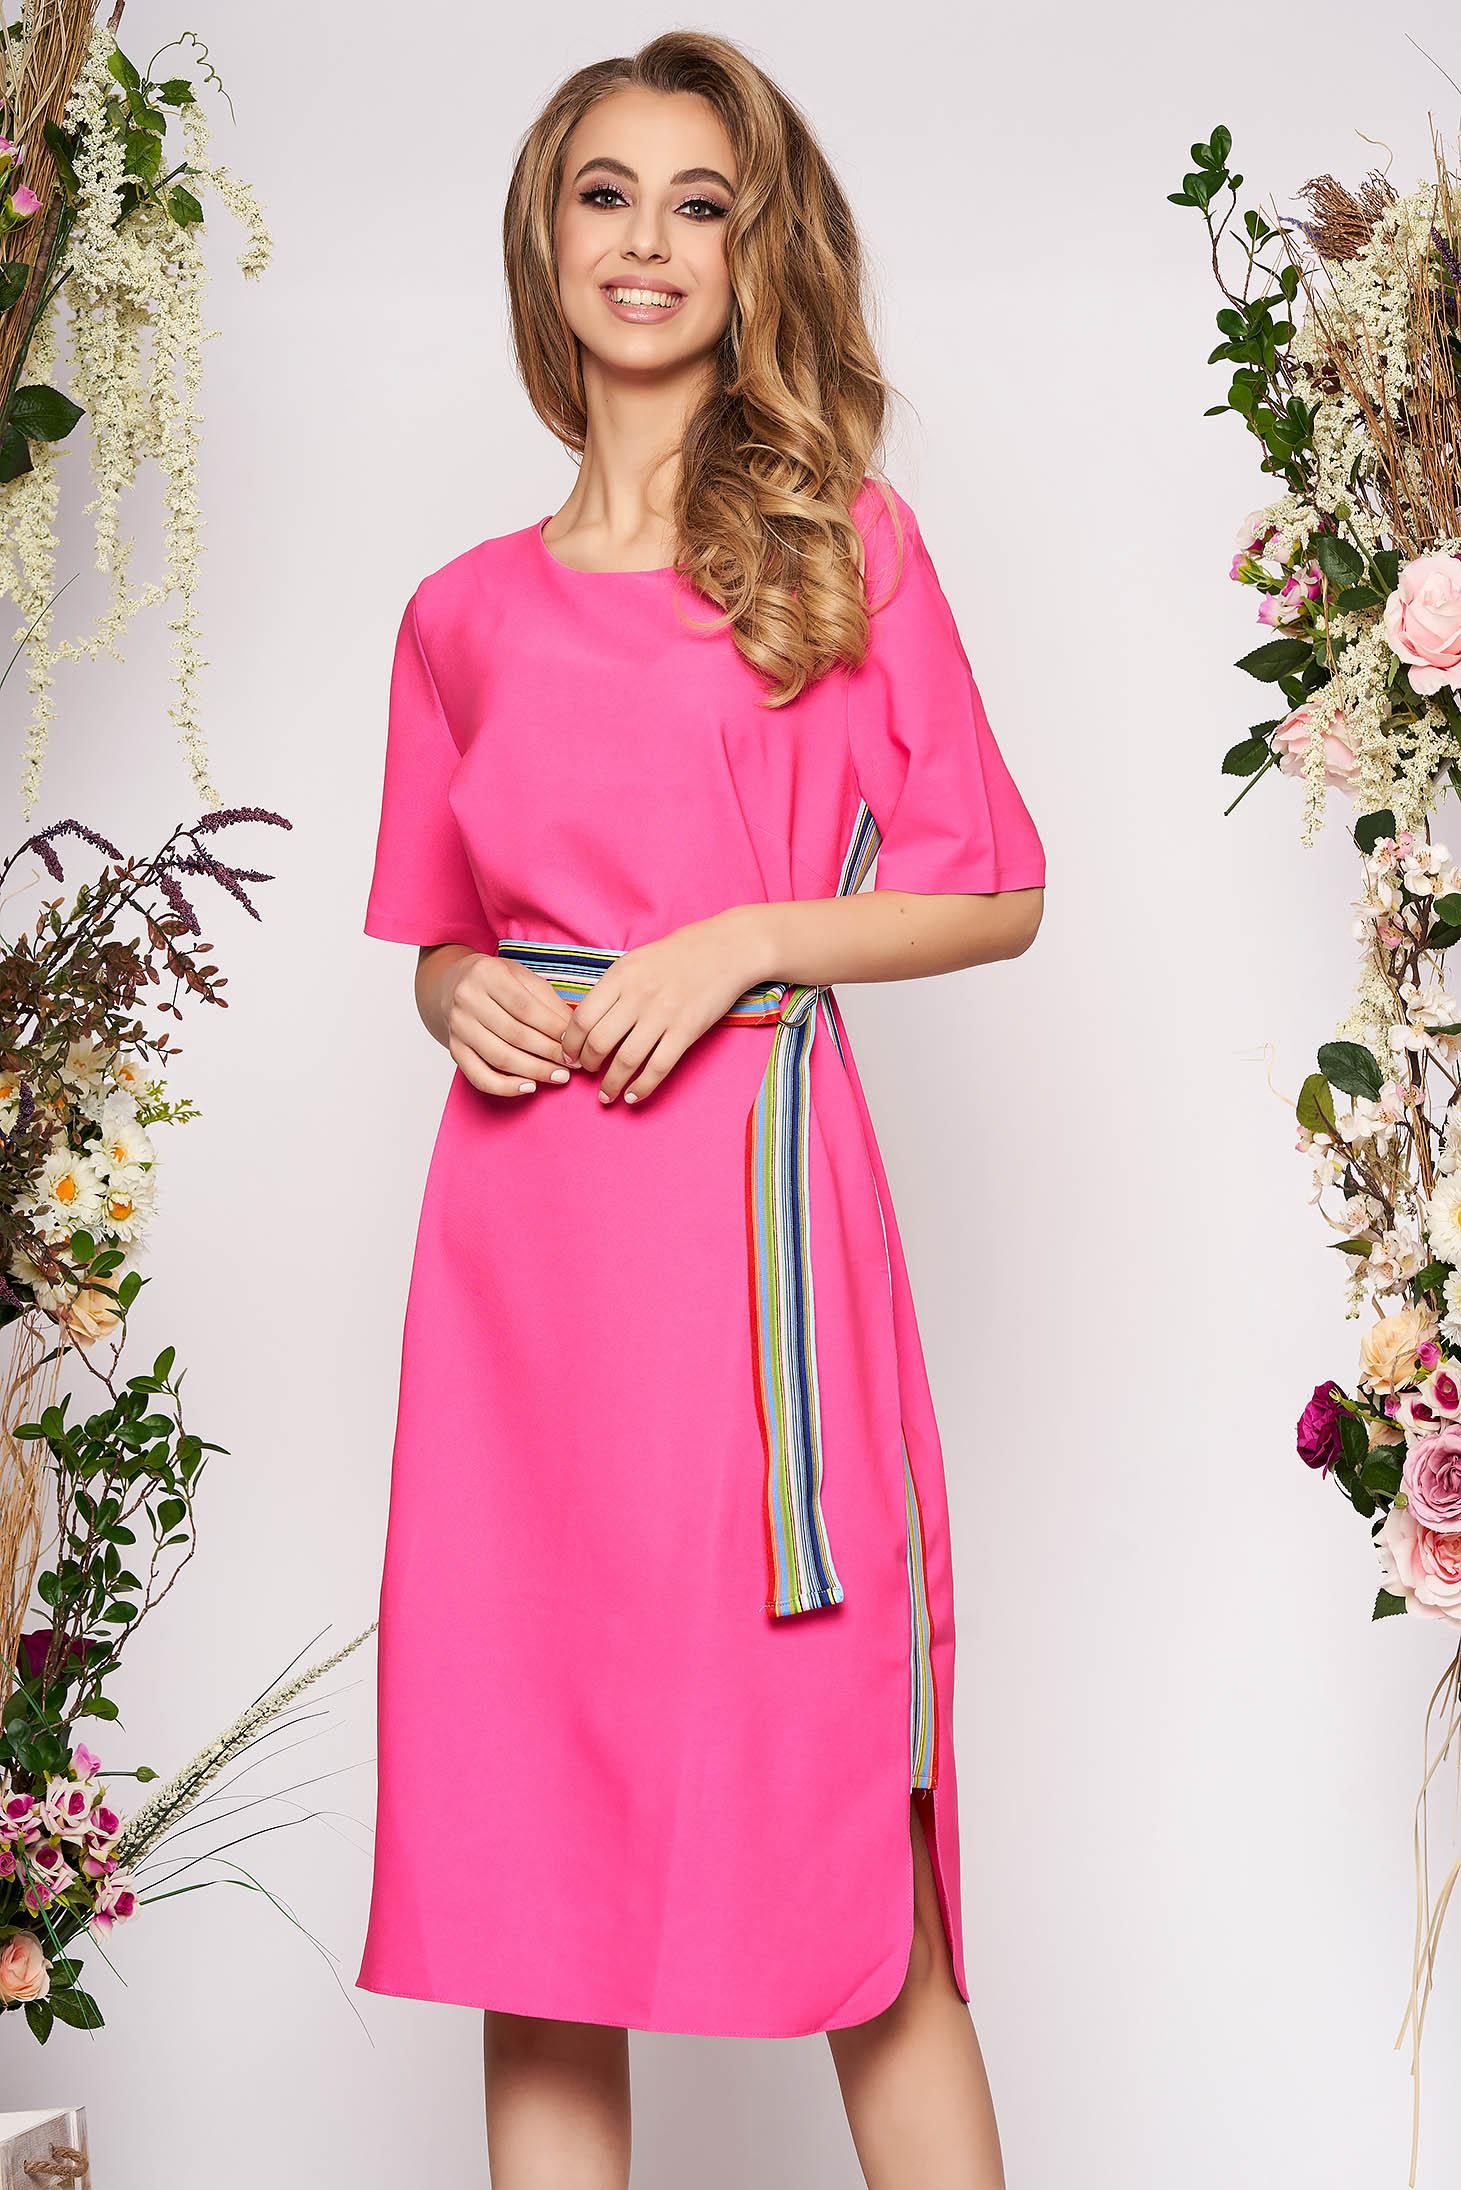 Rochie roz midi eleganta cu un croi drept cu decolteu rotunjit si maneci scurte